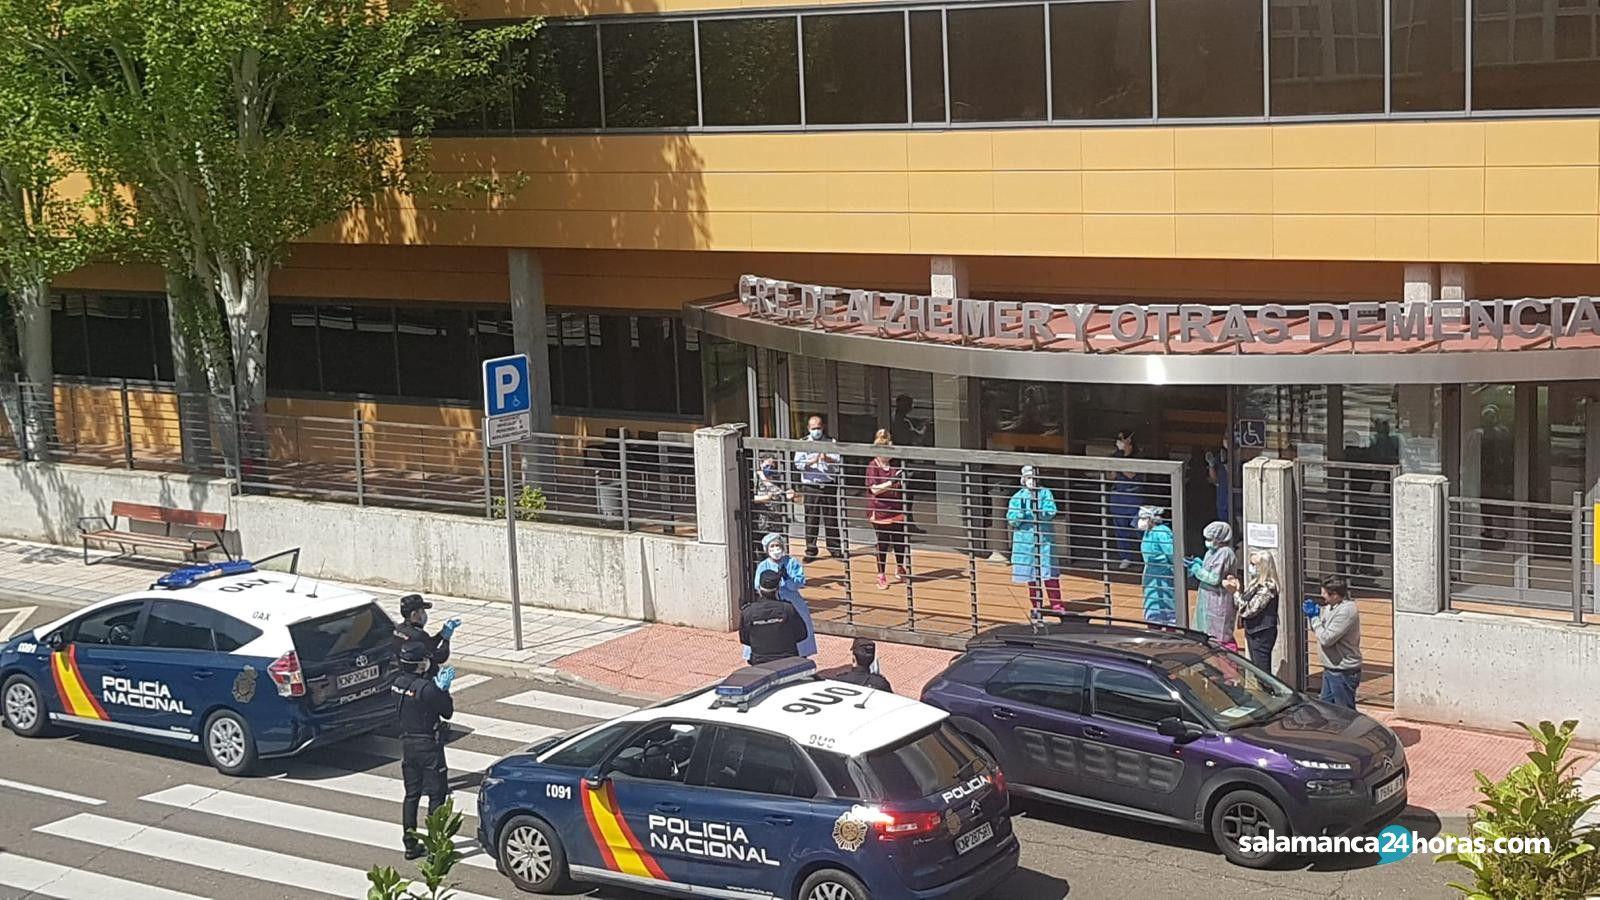 Aplauso mutuo entre policías y trabajadores del centro del Alzheimer (10)